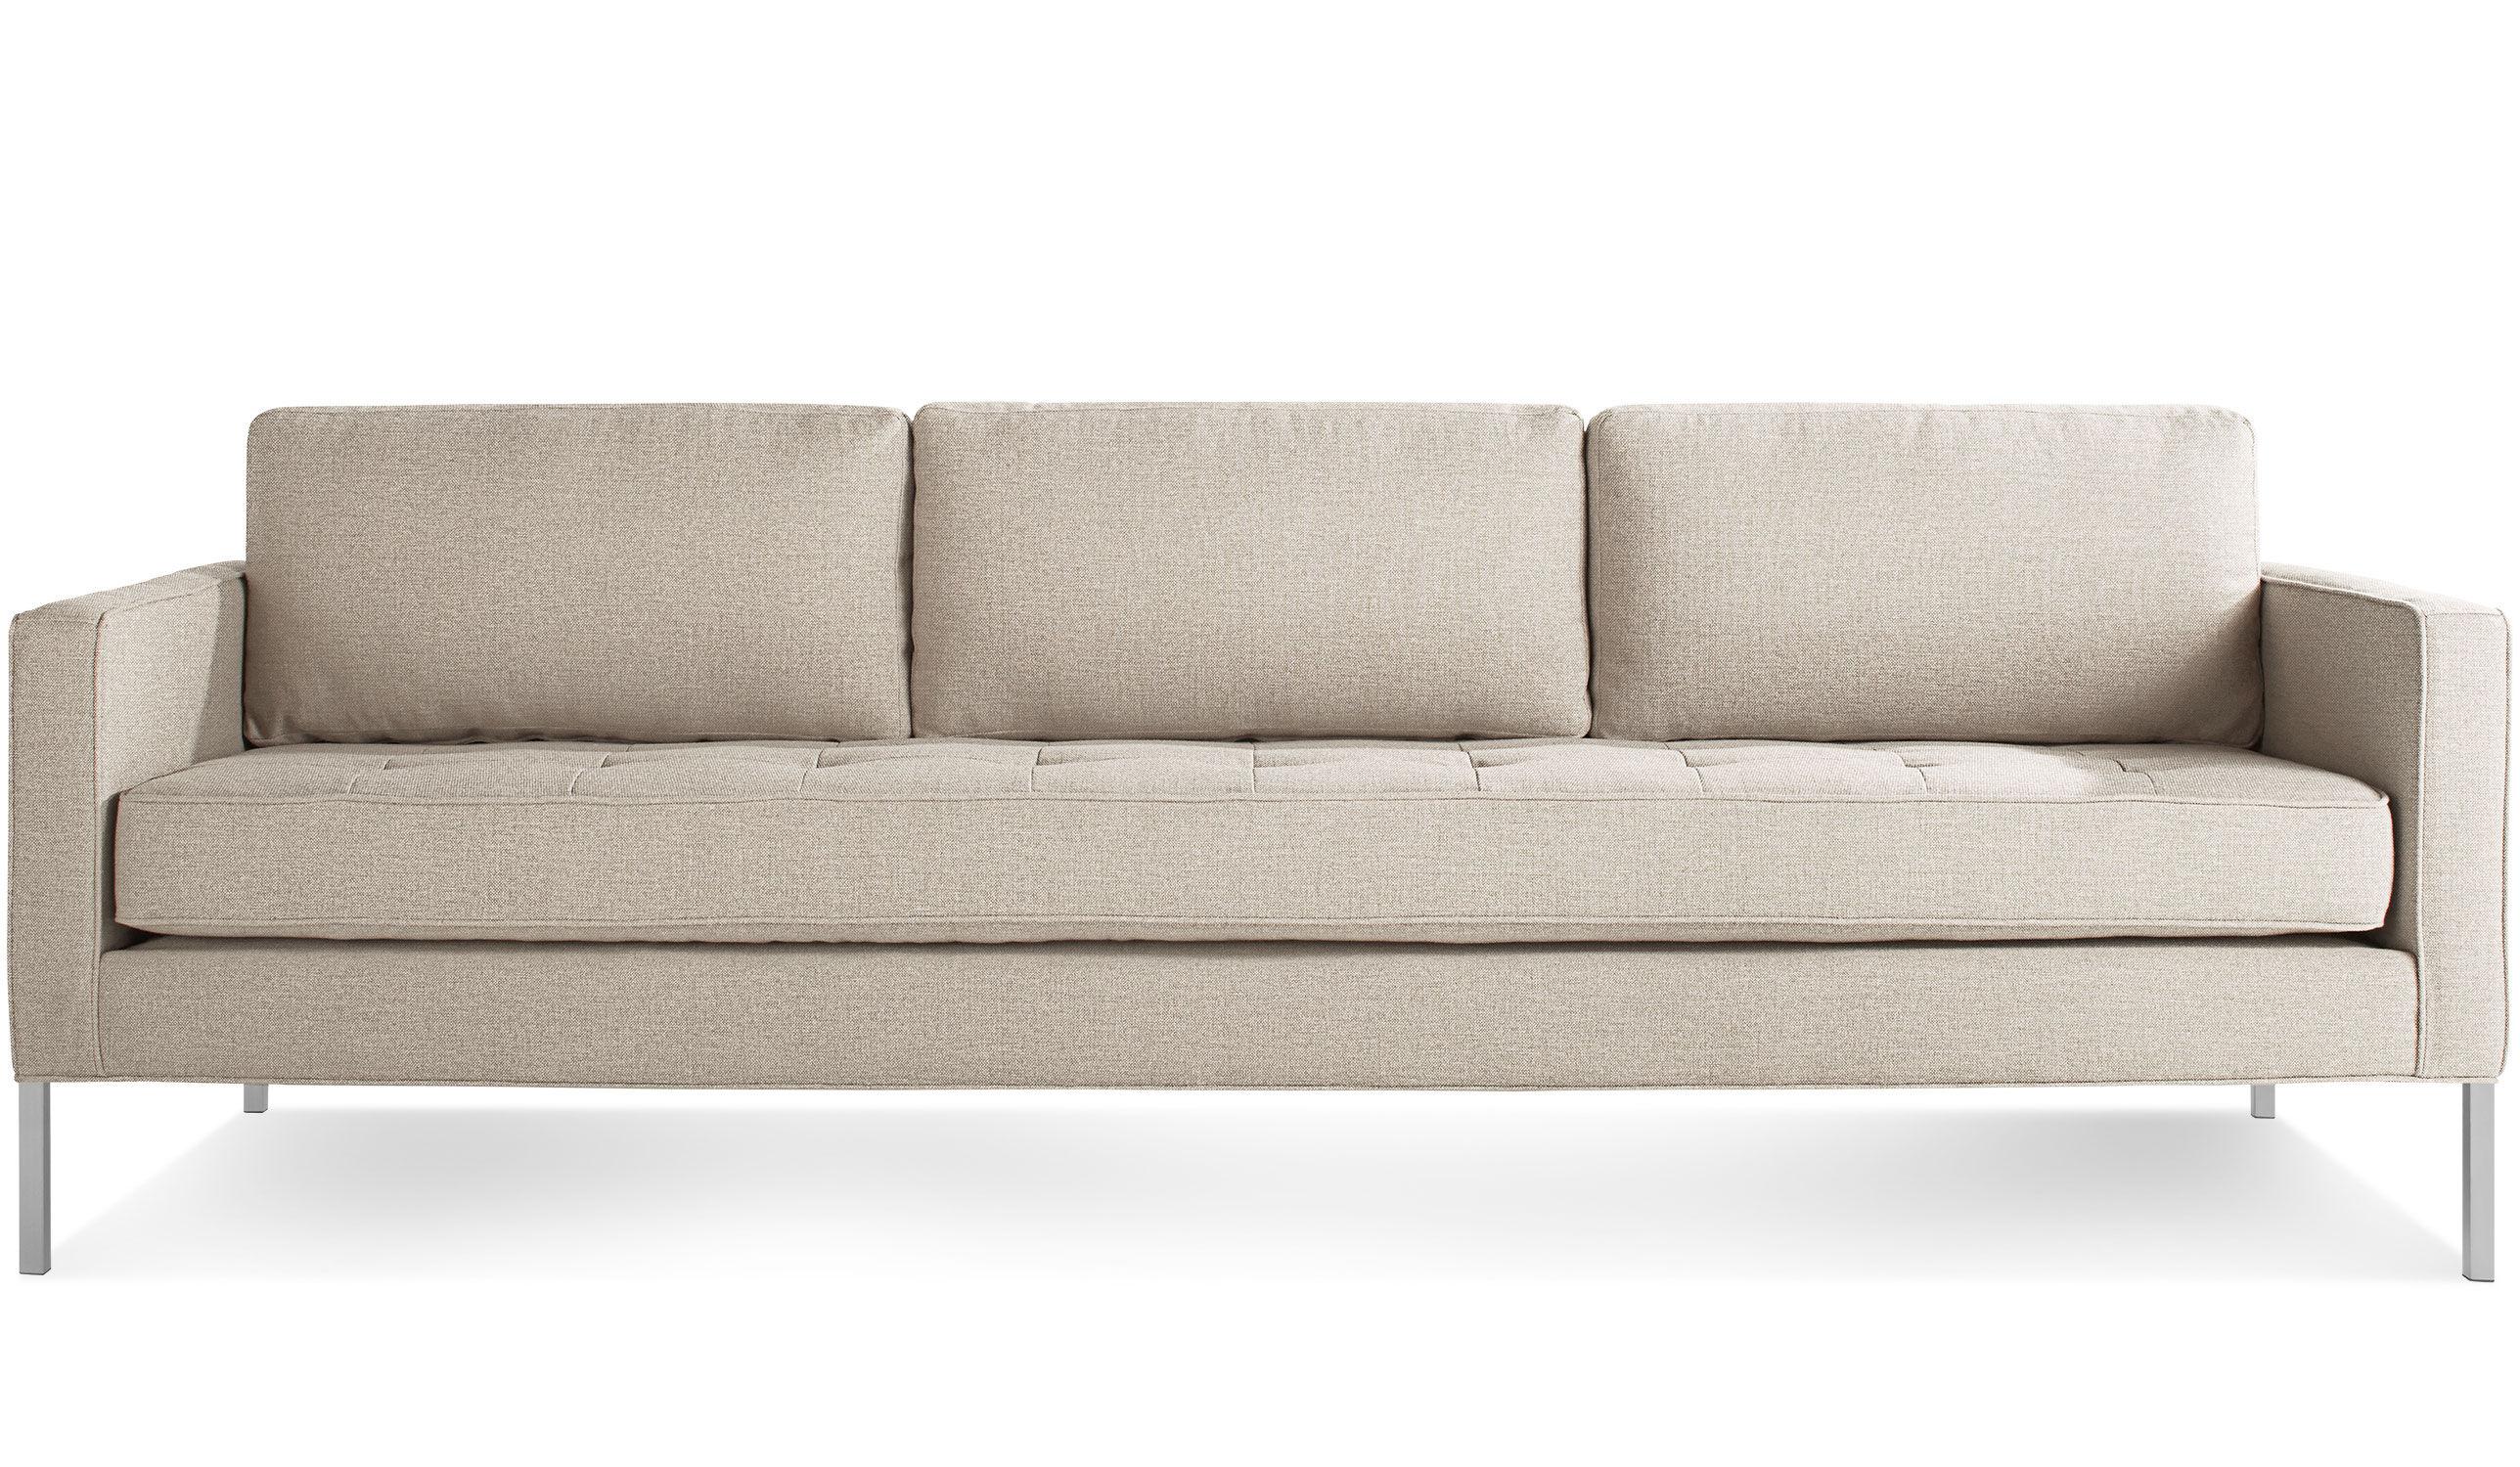 Paramount Sofa hivemodern